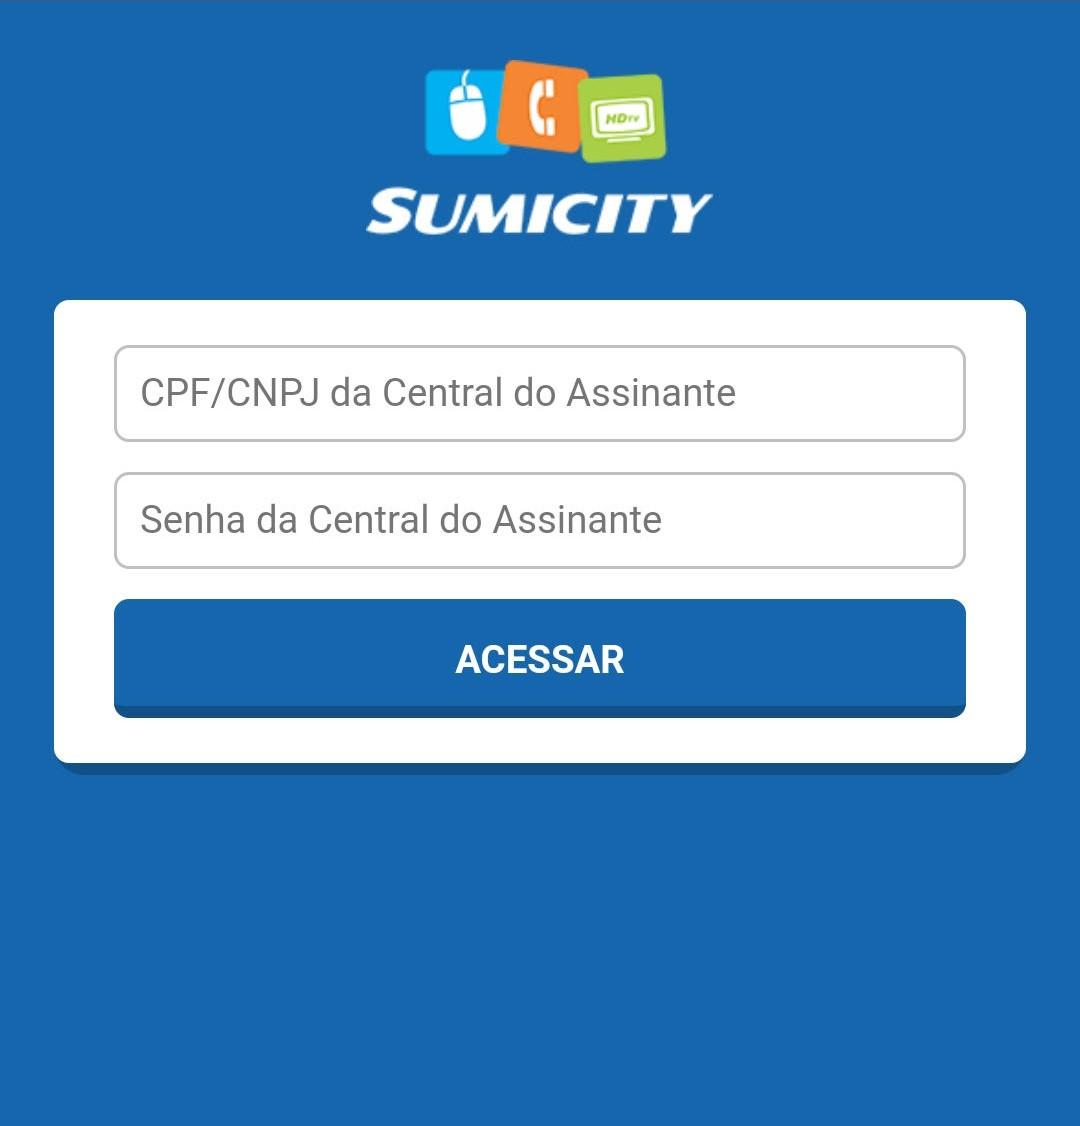 sumicity boleto central do assinante